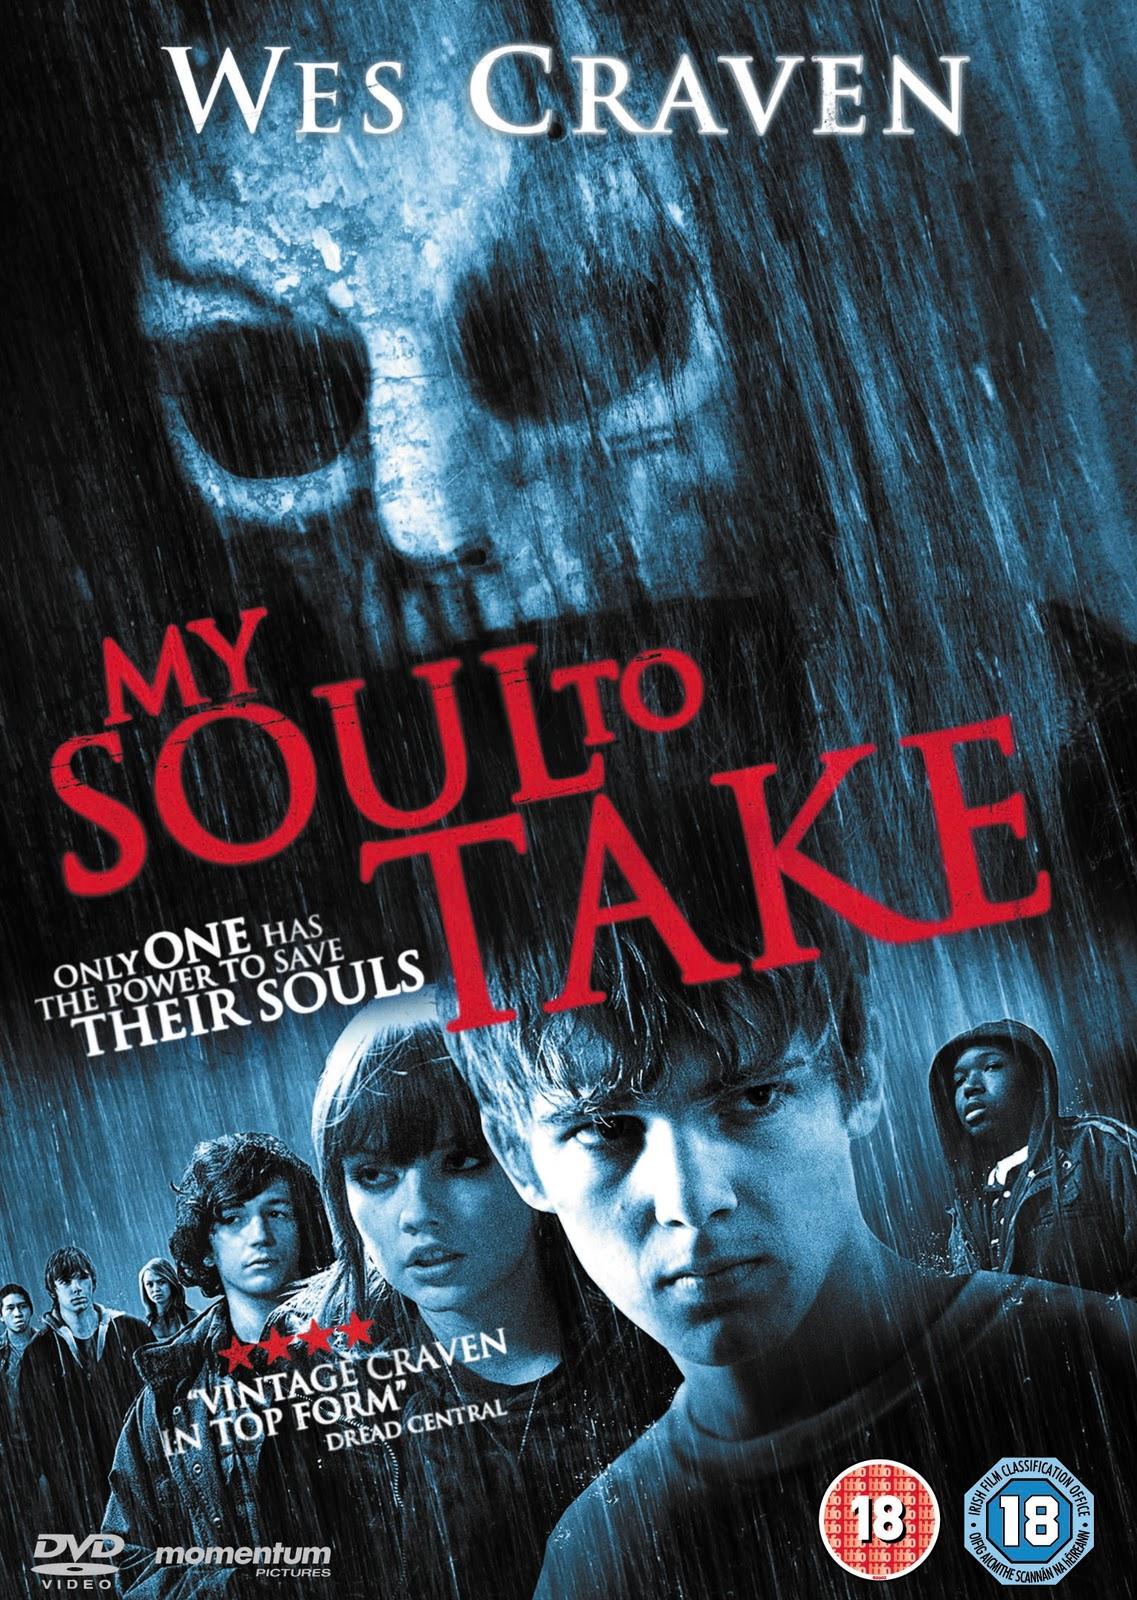 http://4.bp.blogspot.com/-abshHd26h_o/TpV-7V9hfHI/AAAAAAAAAfw/zDPykyEZDas/s1600/My-Soul-To-Take-DVD_2D-3.jpg